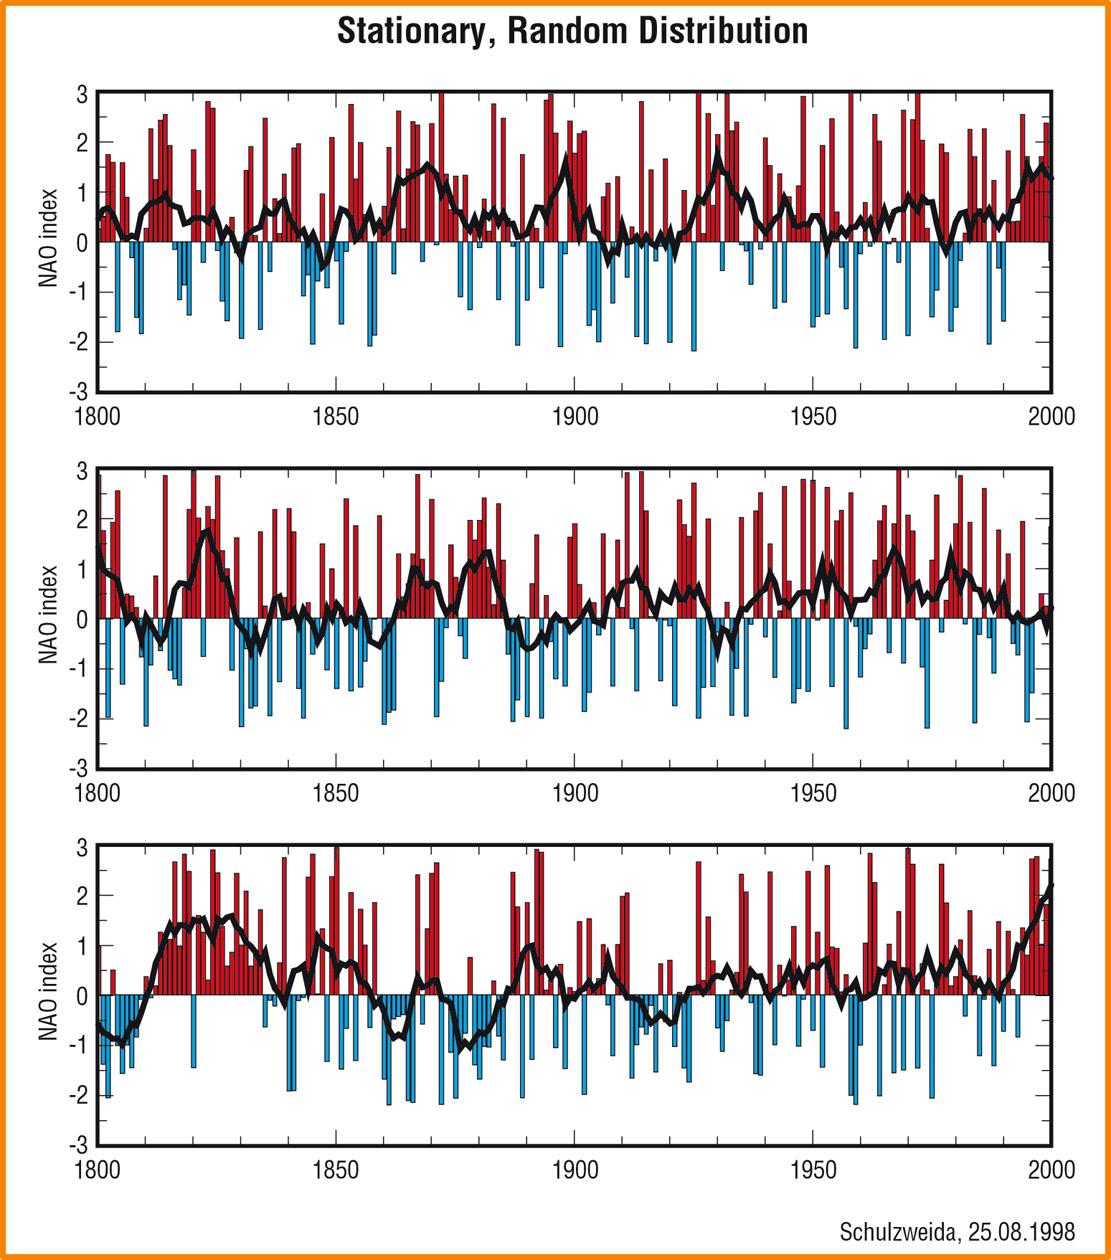 Slumpmässiga NAO-index-värden mellan -2 och 3.